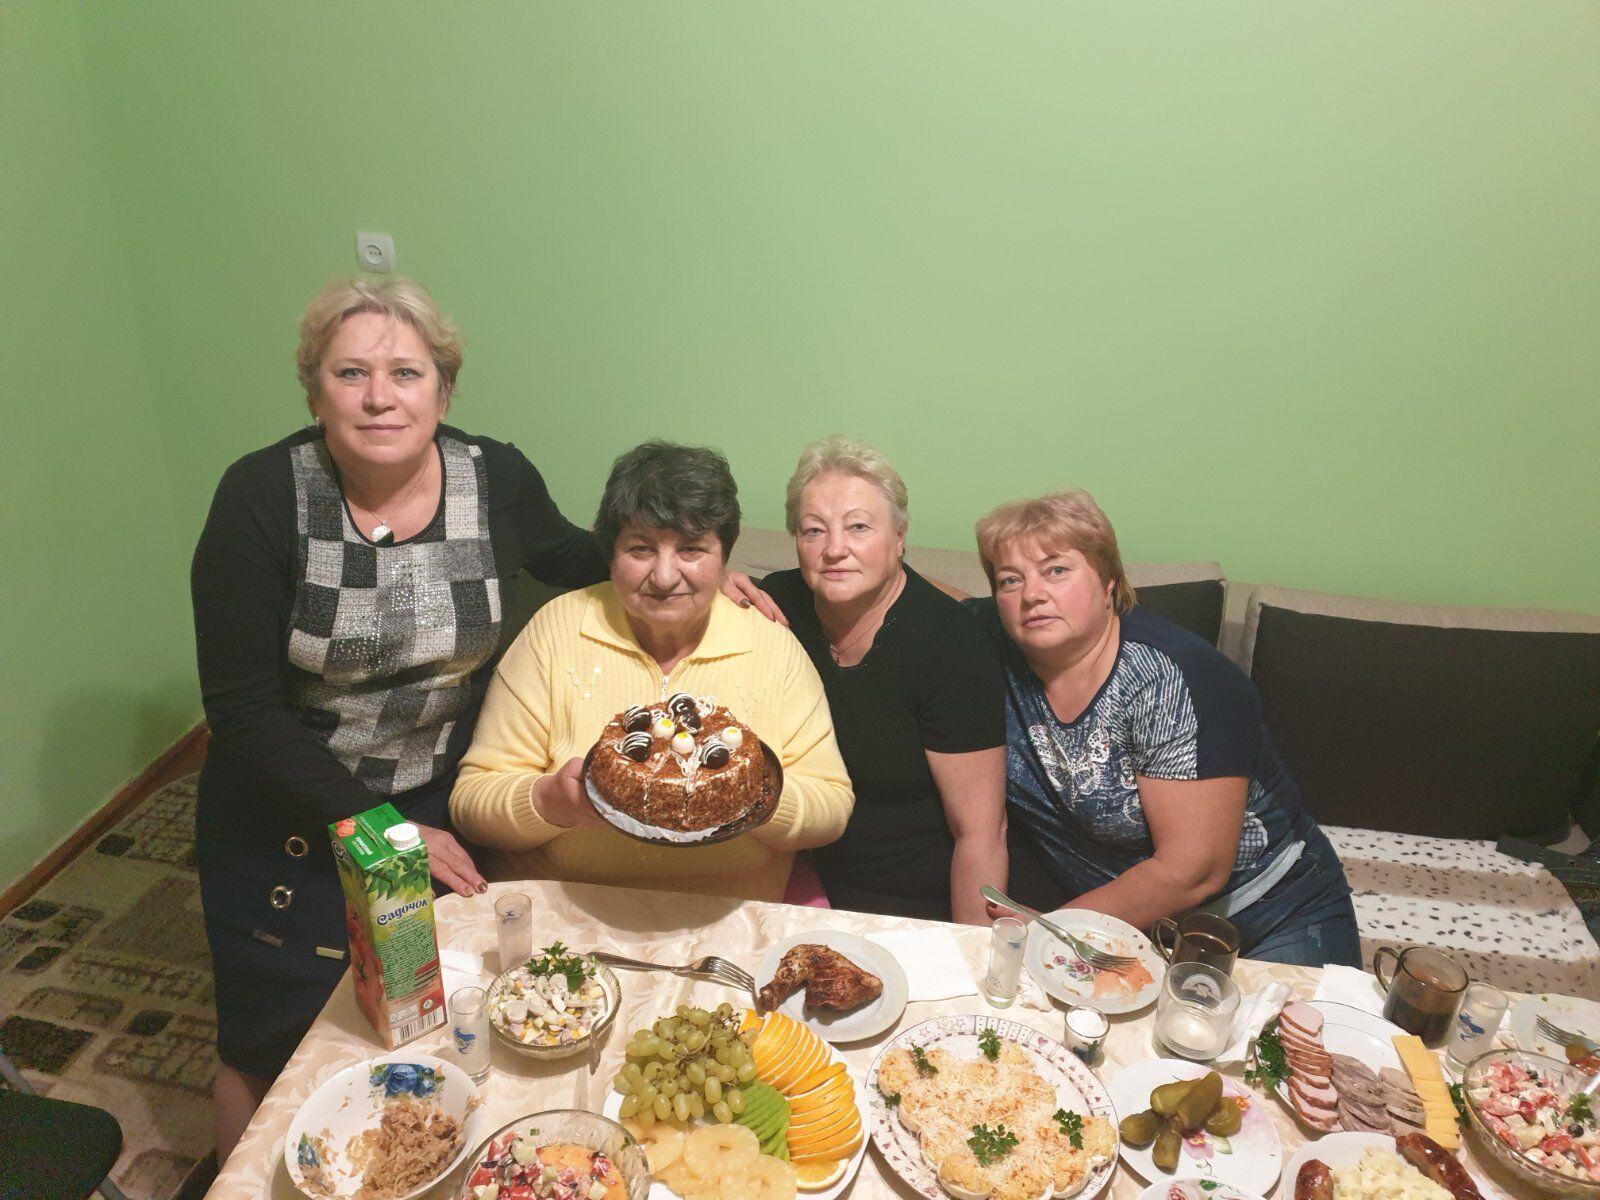 Розалія Магас (друга ліворуч) з подругами